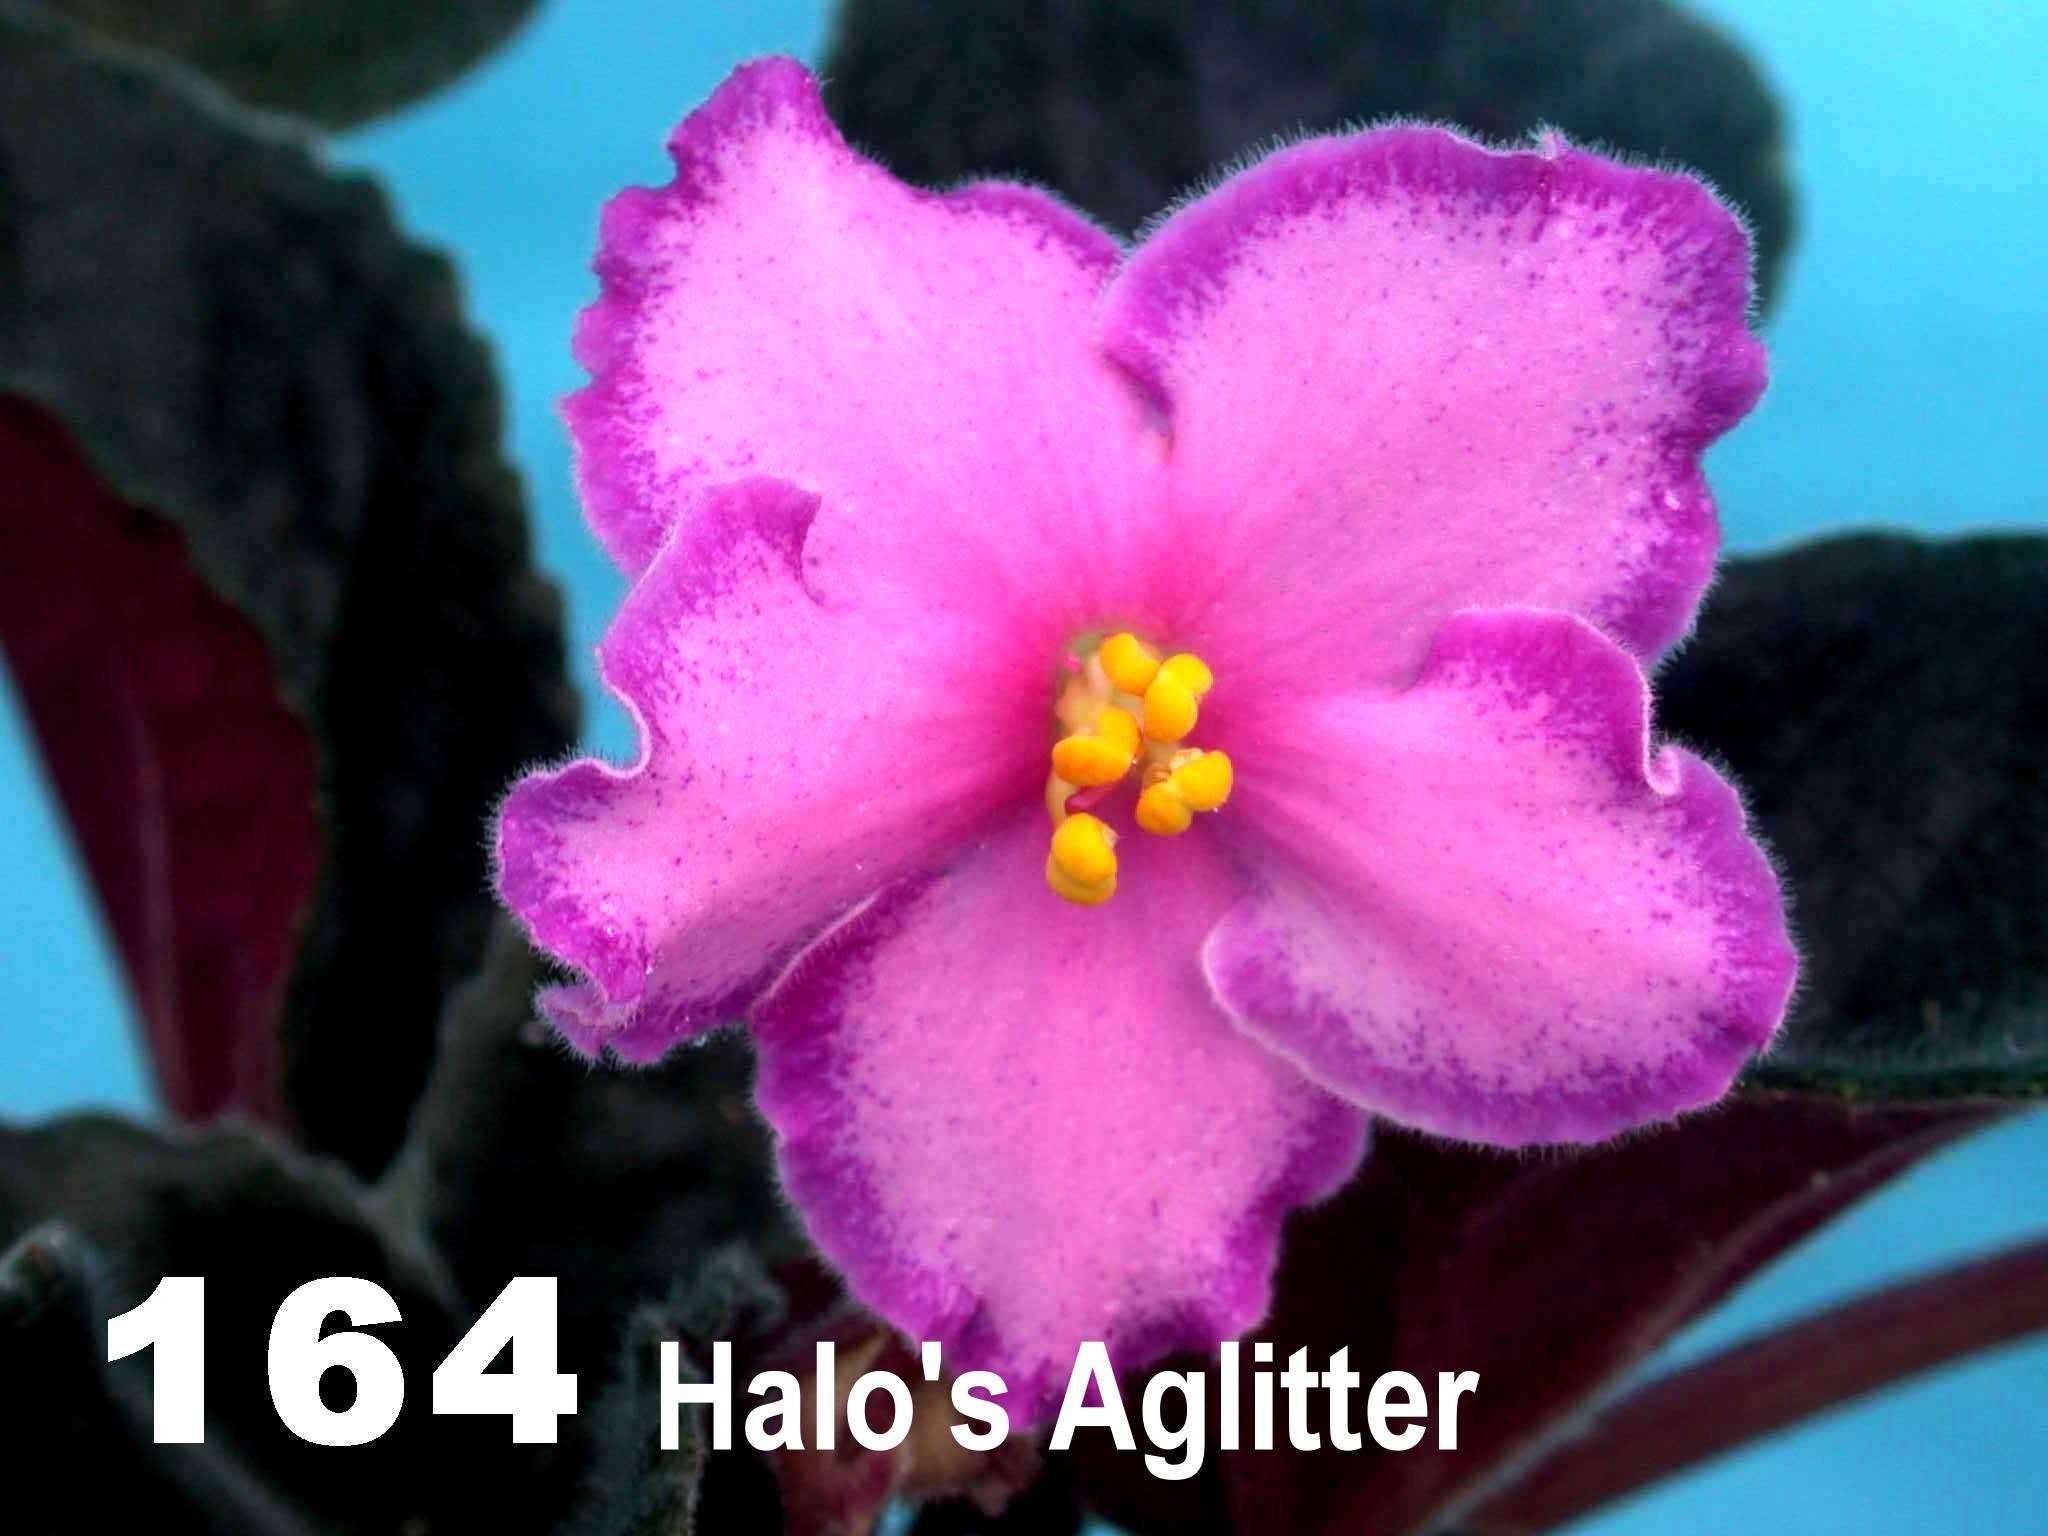 [164] Halo's Aglitter 164